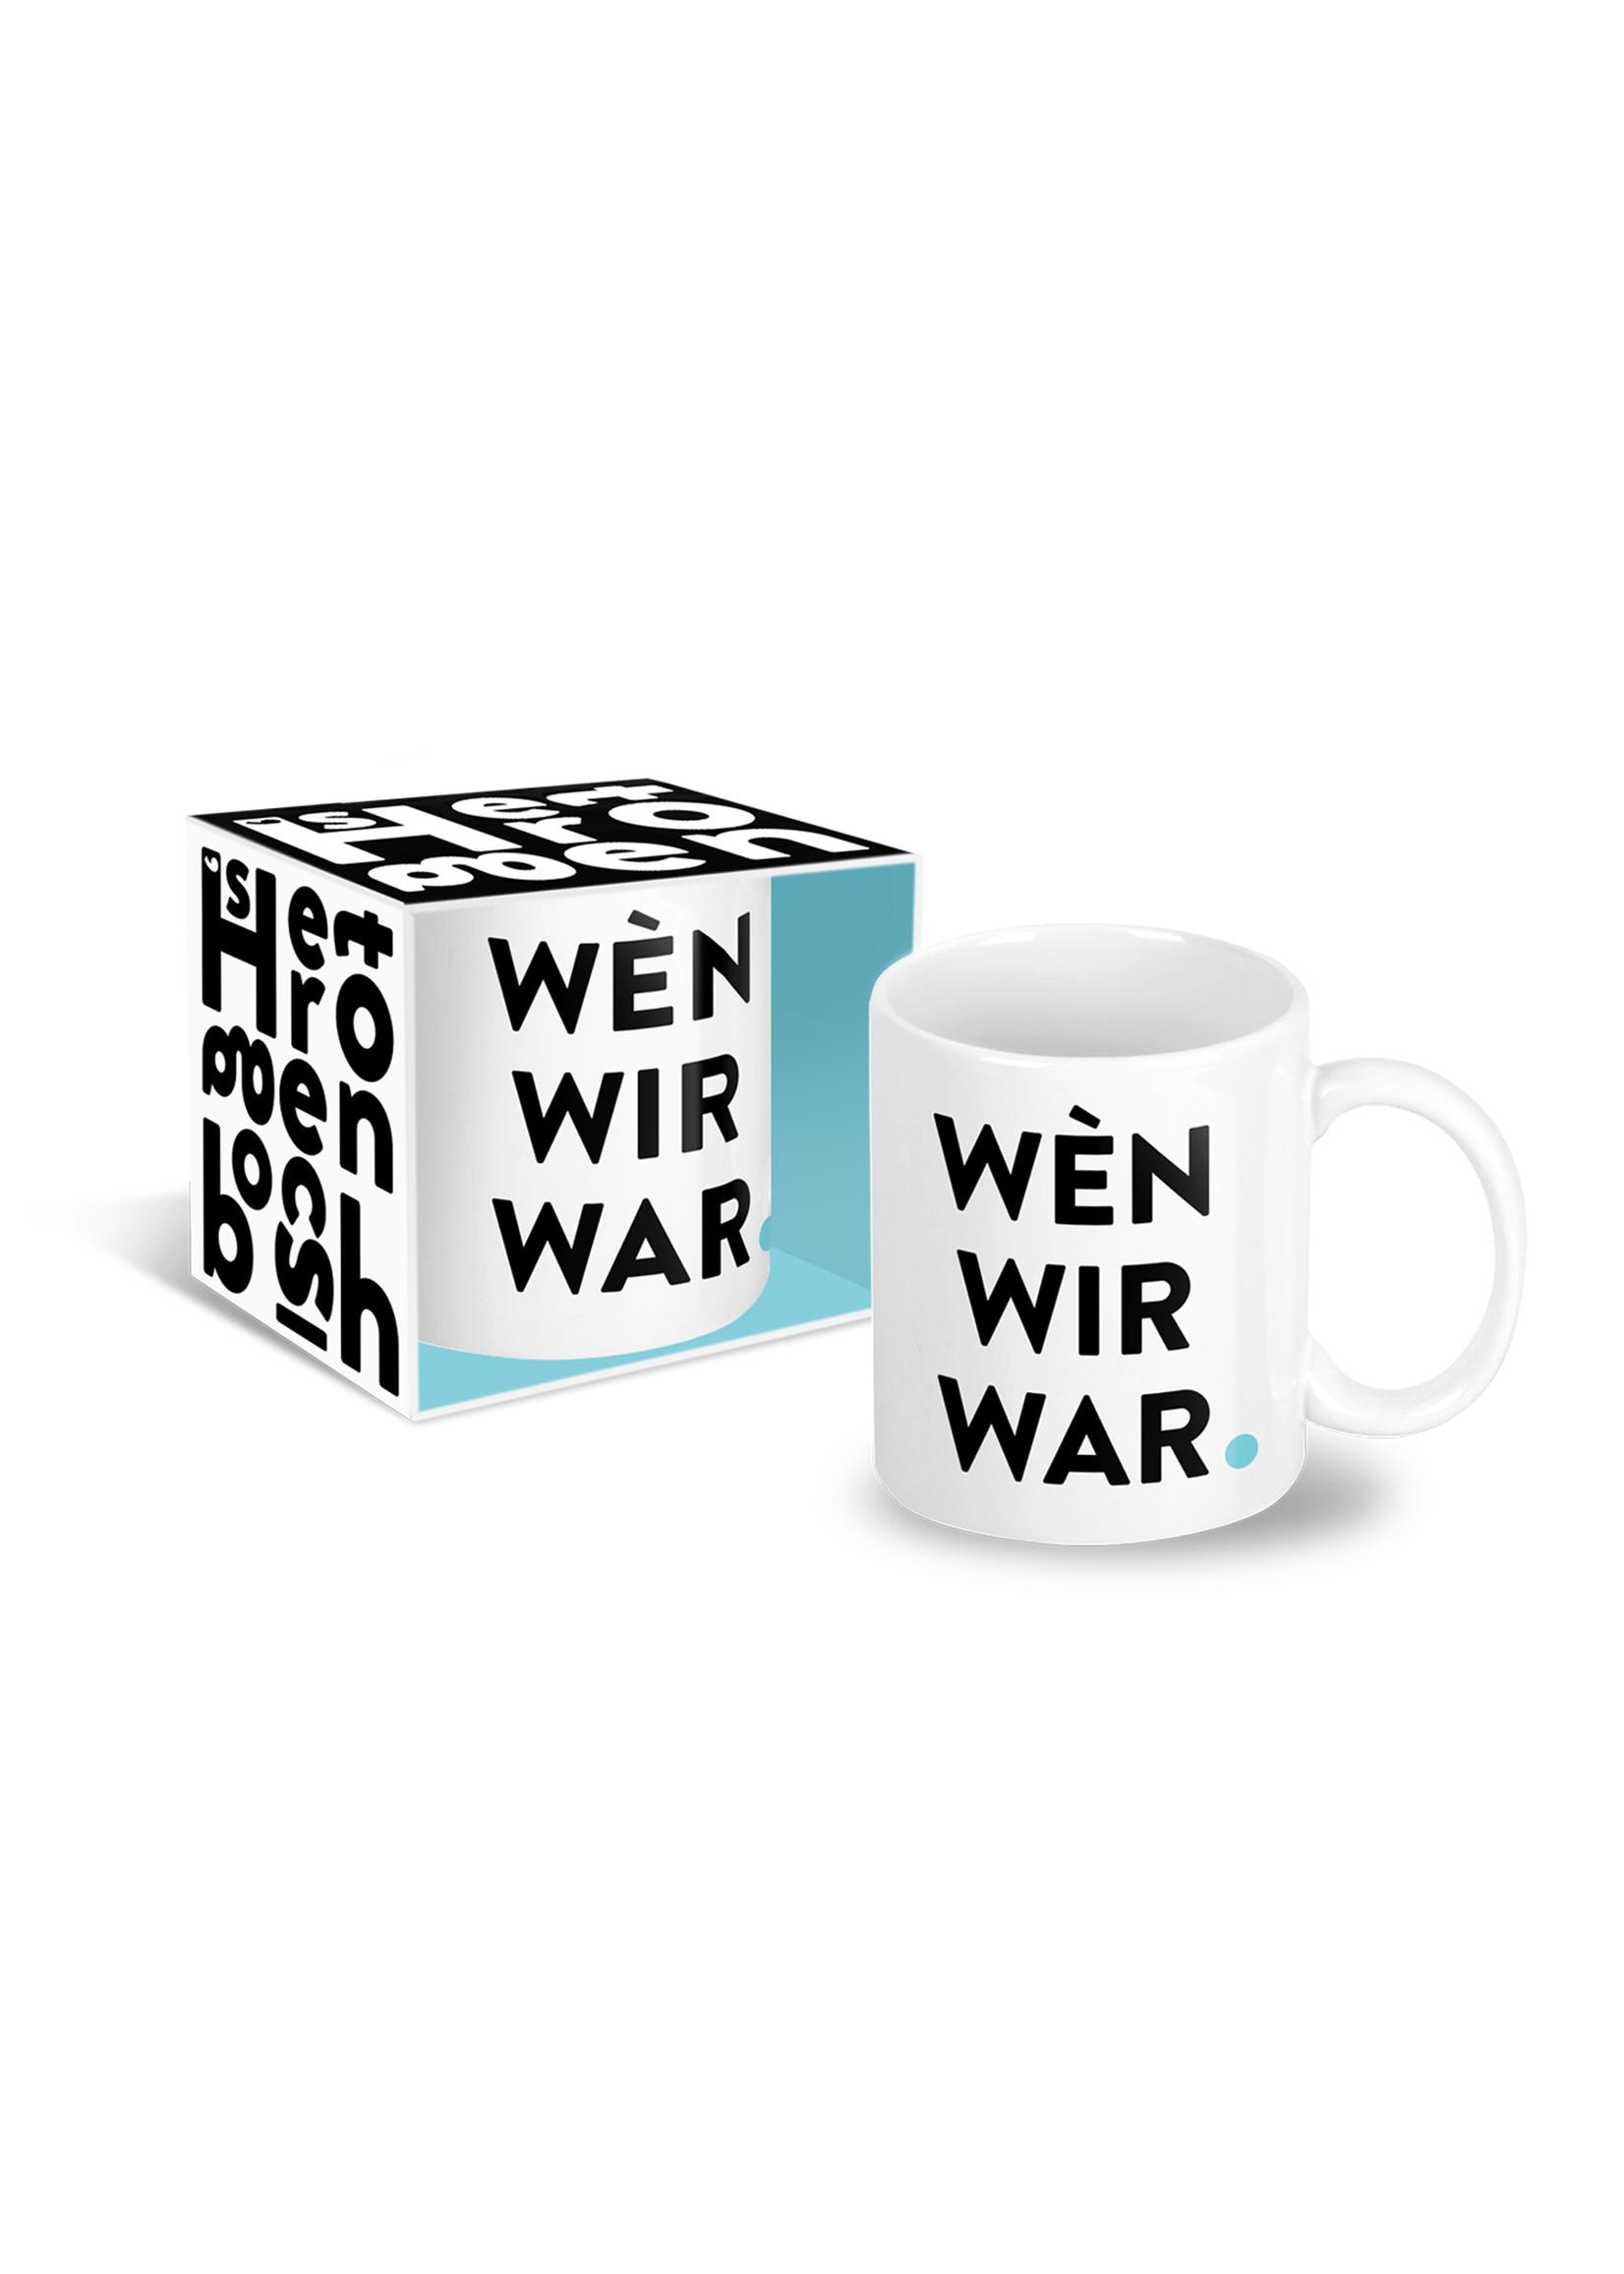 MOK 's-HERTOGENBOSCH - WEN WIR WAR